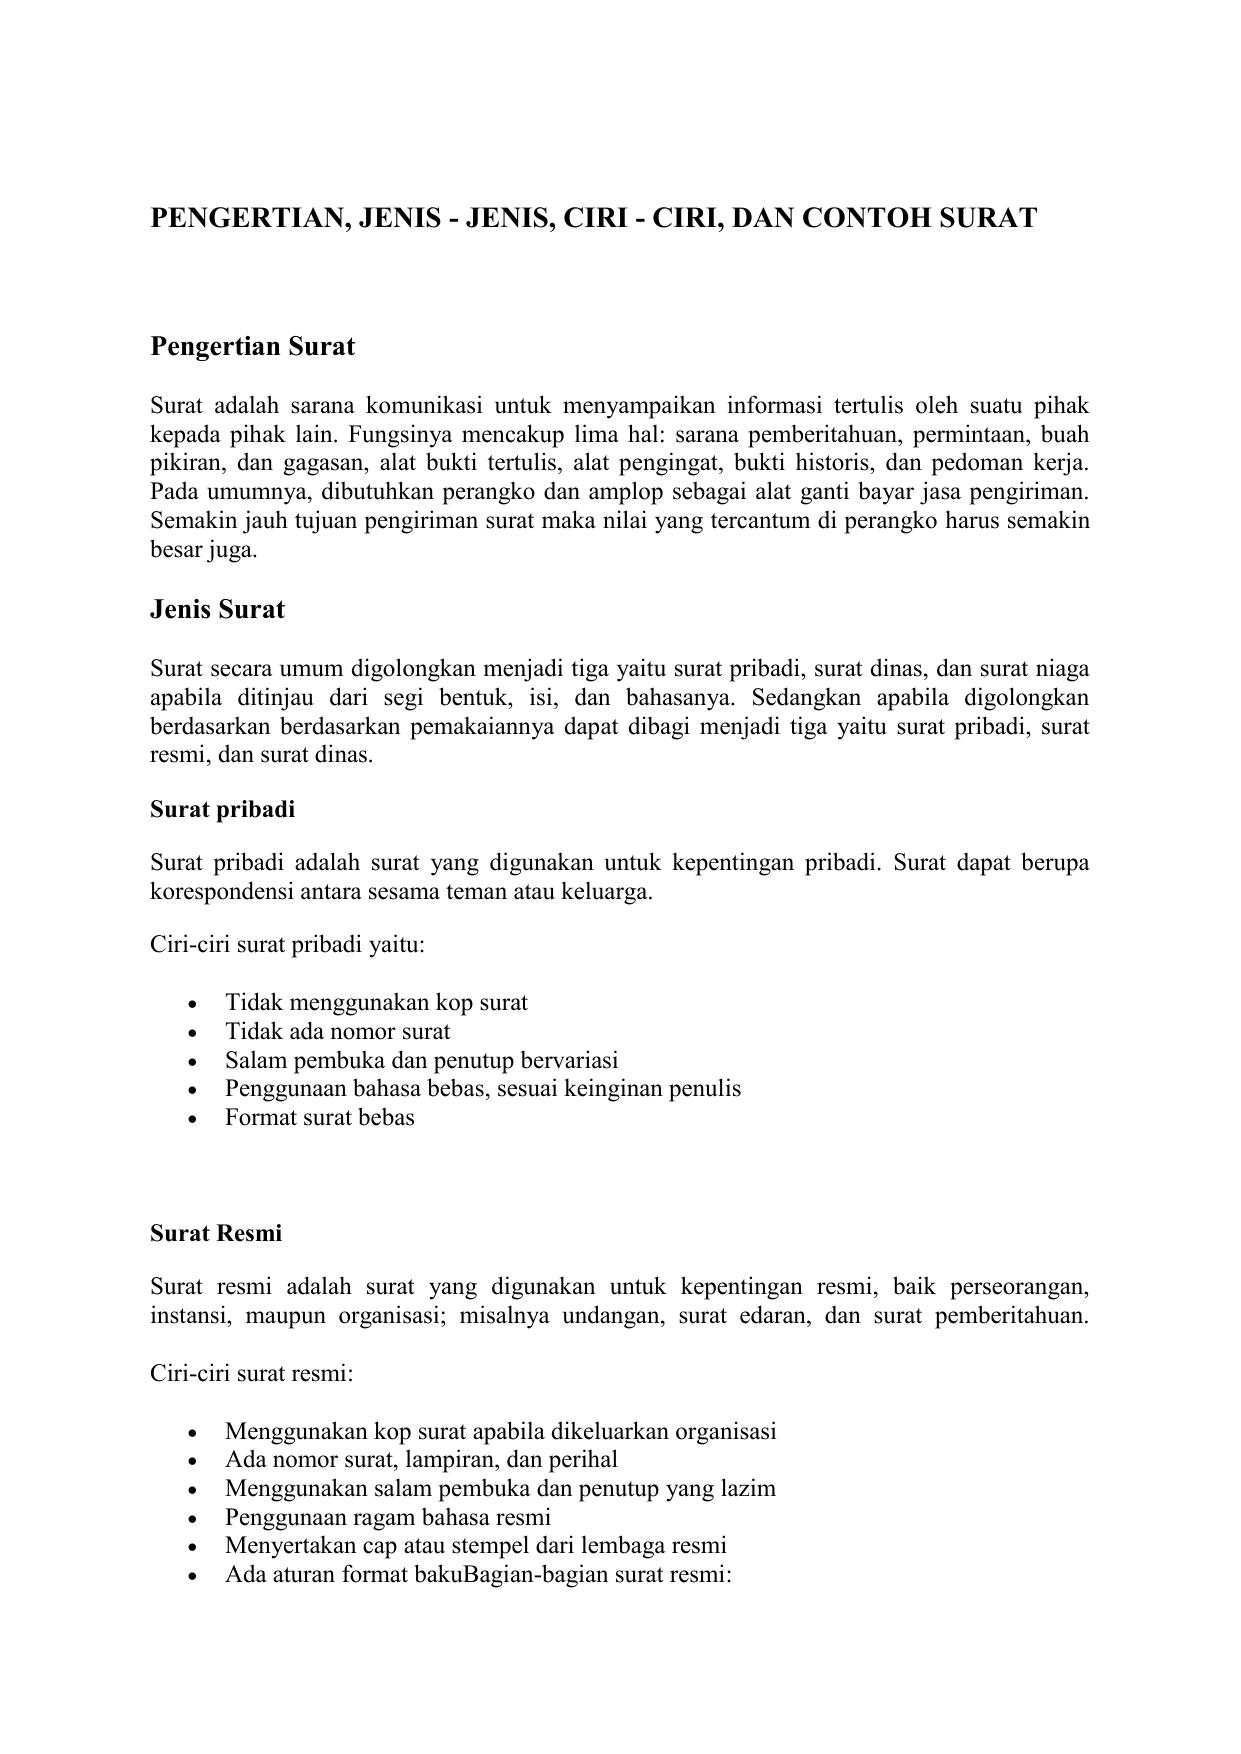 Contoh Surat Dinas Dan Surat Pribadi - Berbagai Contoh